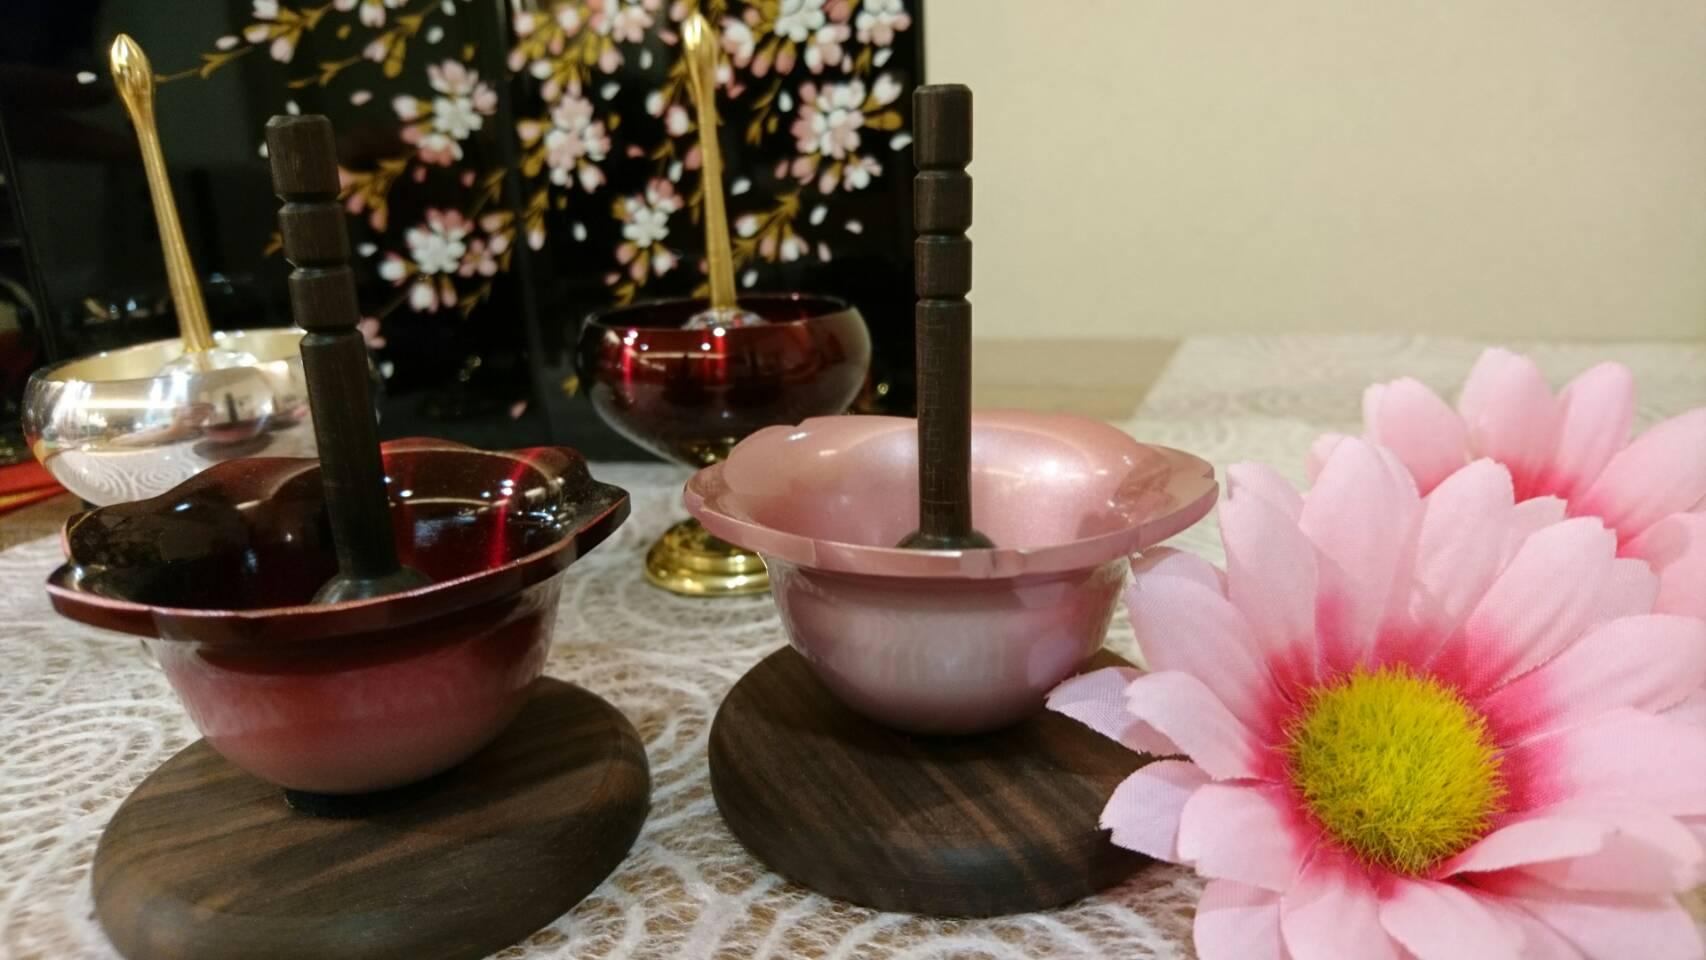 ふくば 福島 仏壇 写真ギャラリー画像13